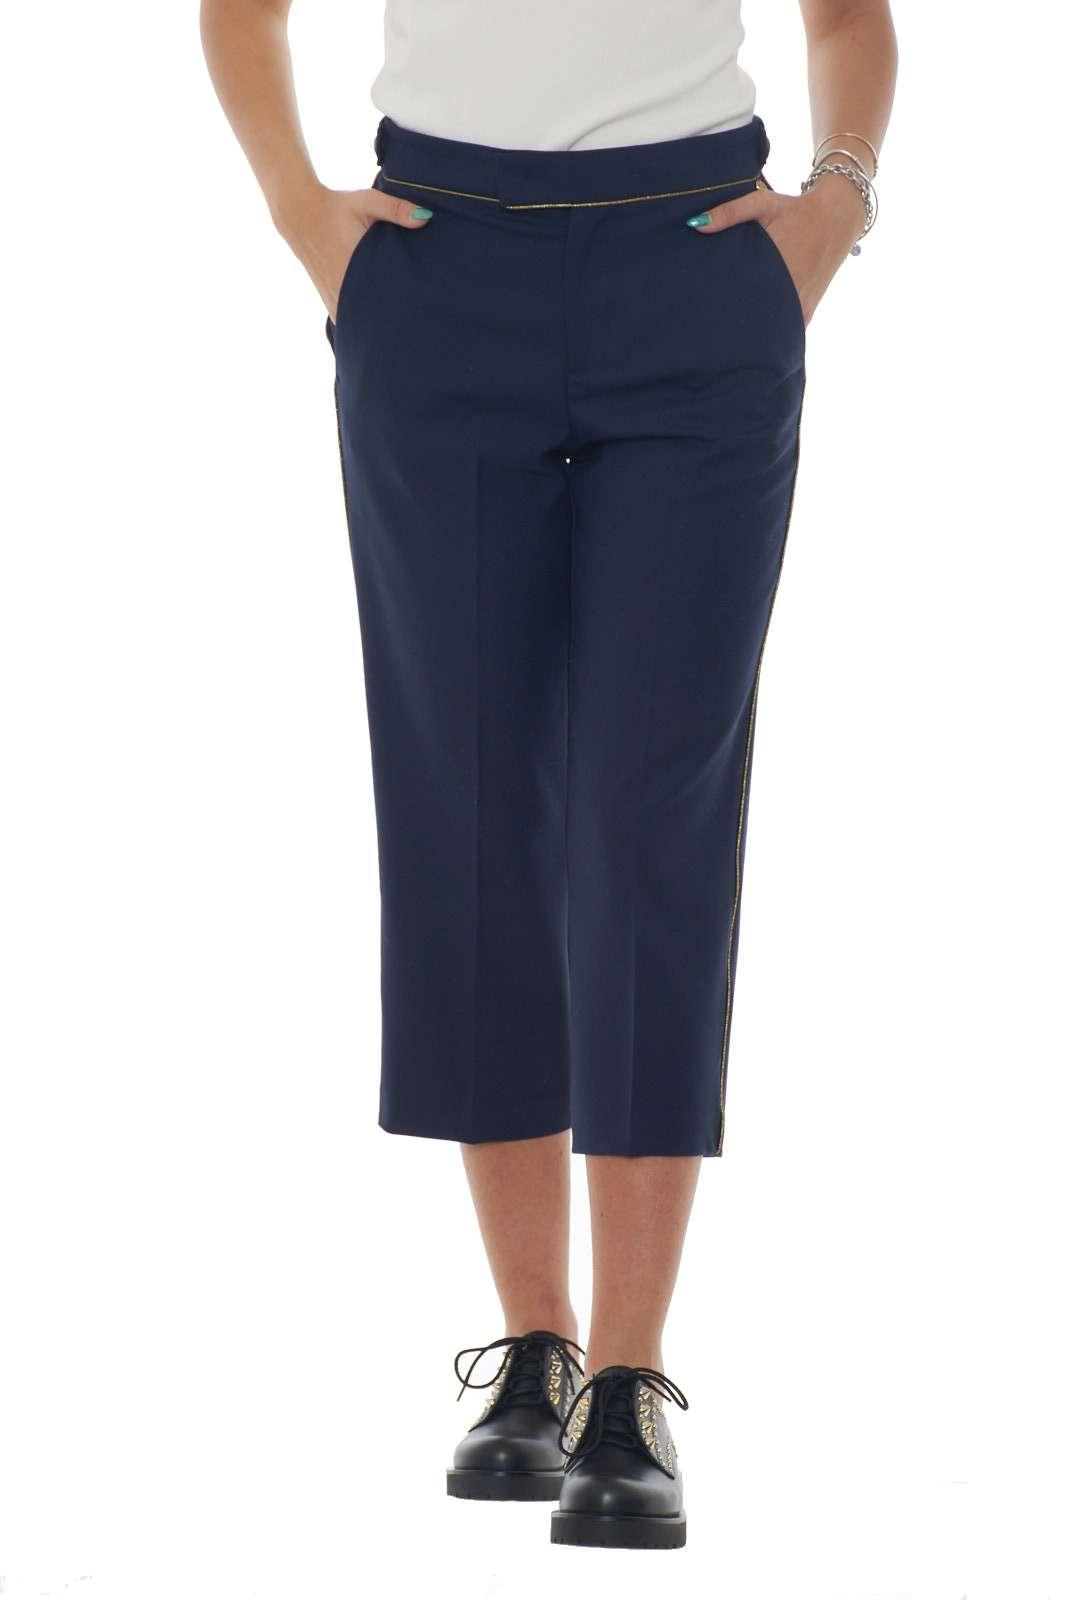 Ideali da indossare con i look più glamour, i nuovi pantaloni firmati TwinSet Milano conquistano per stile e comodità. Il piping in contrasto di colore laminato illumina il capo per un effetto deciso e raffinato. Un essential dell'eleganza. La modella è alta 1.80m e indossa la taglia 42.